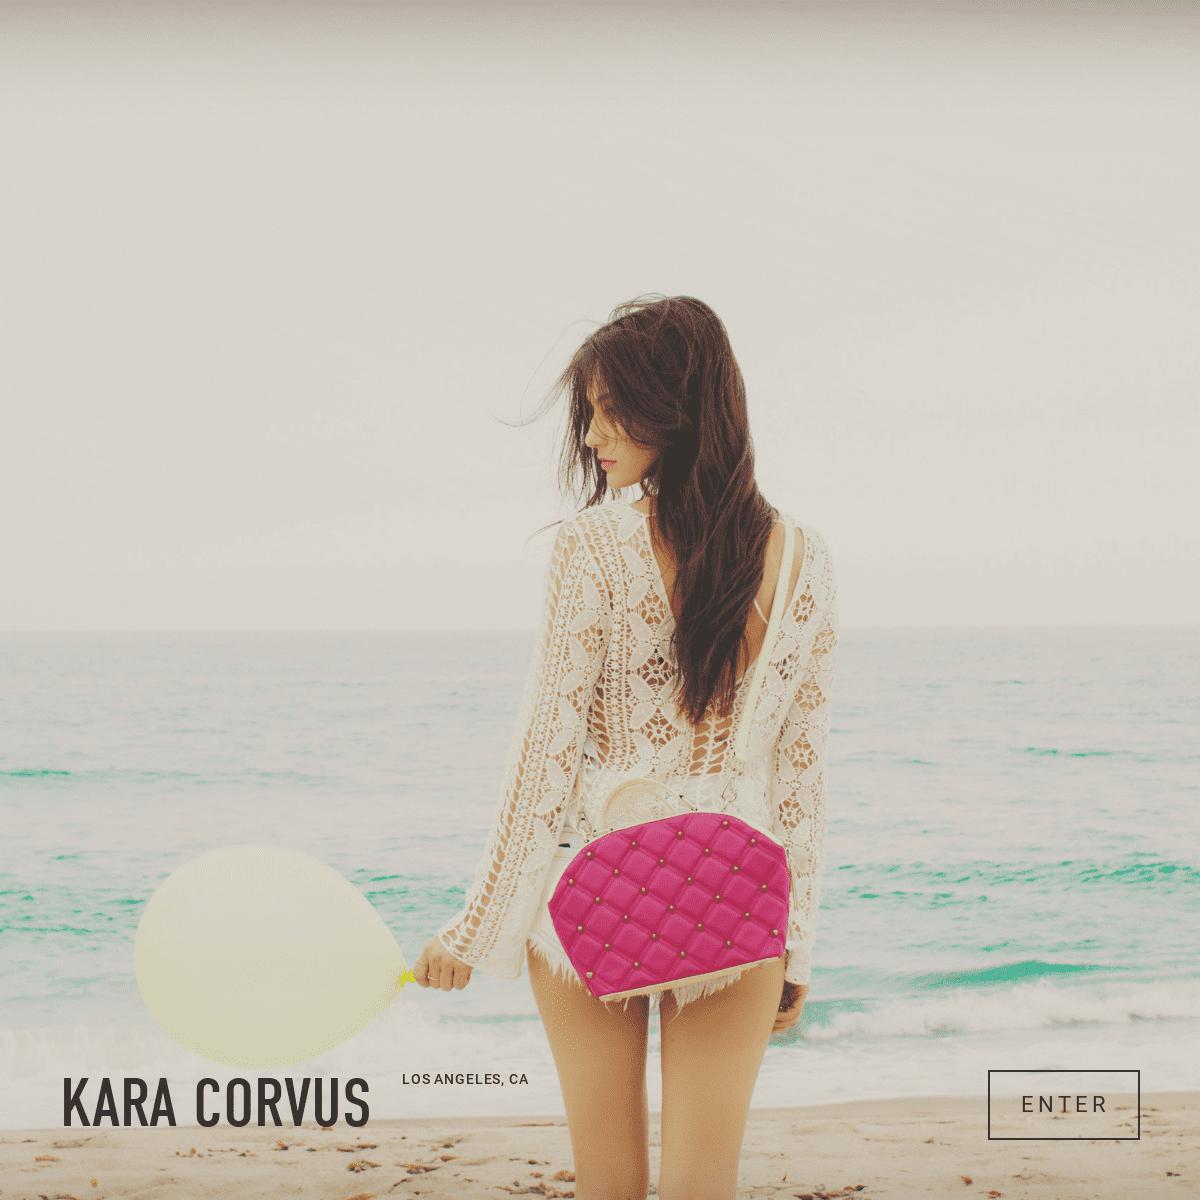 Kara Corvus